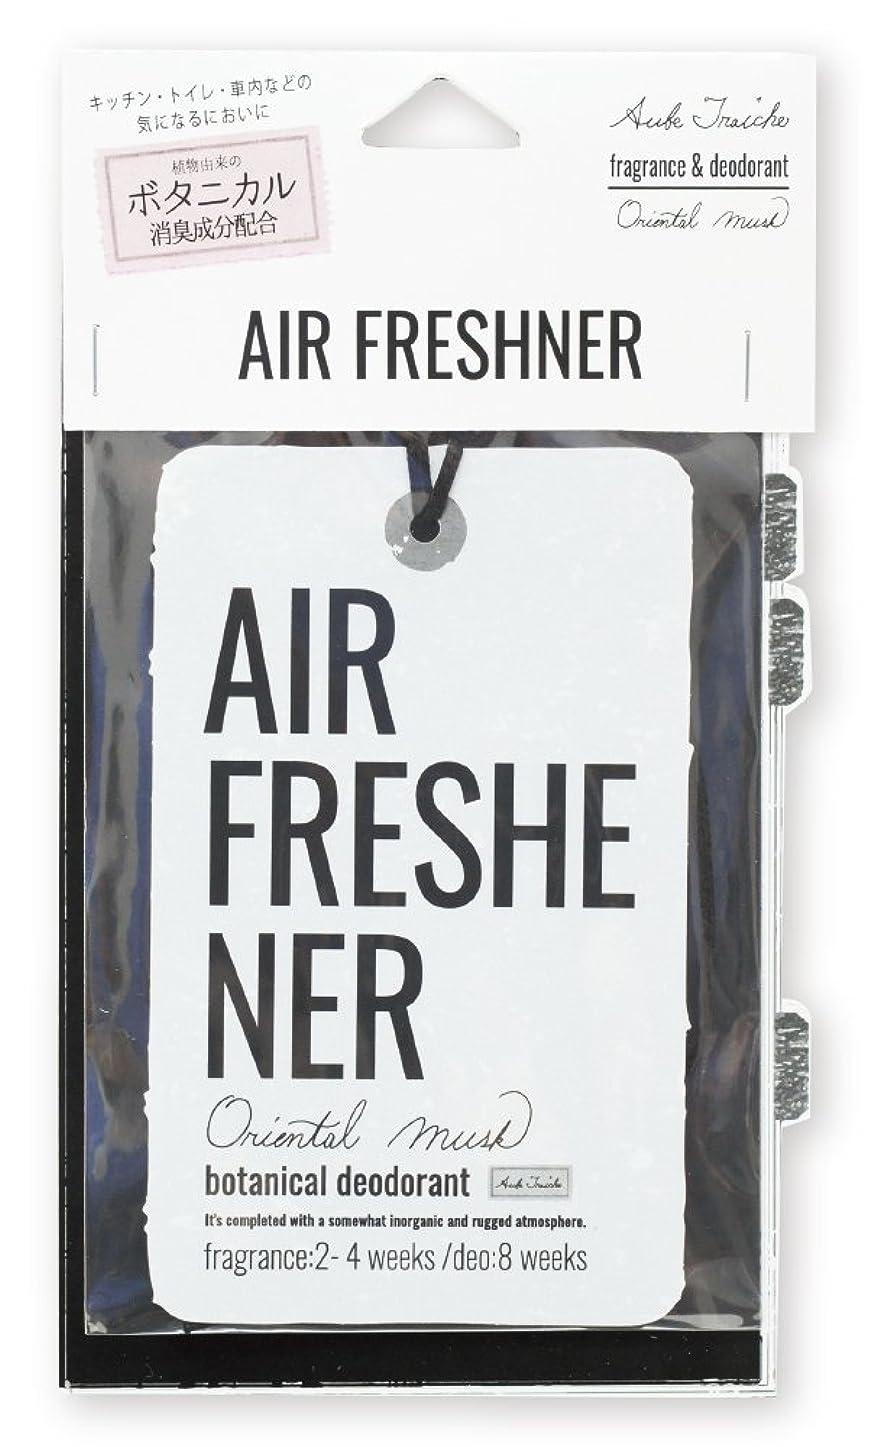 ハプニング不調和感心するノルコーポレーション エアーフレッシュナー 吊り下げ オーブフレッシュ 消臭 オリエンタルムスクの香り OA-AFE-1-1